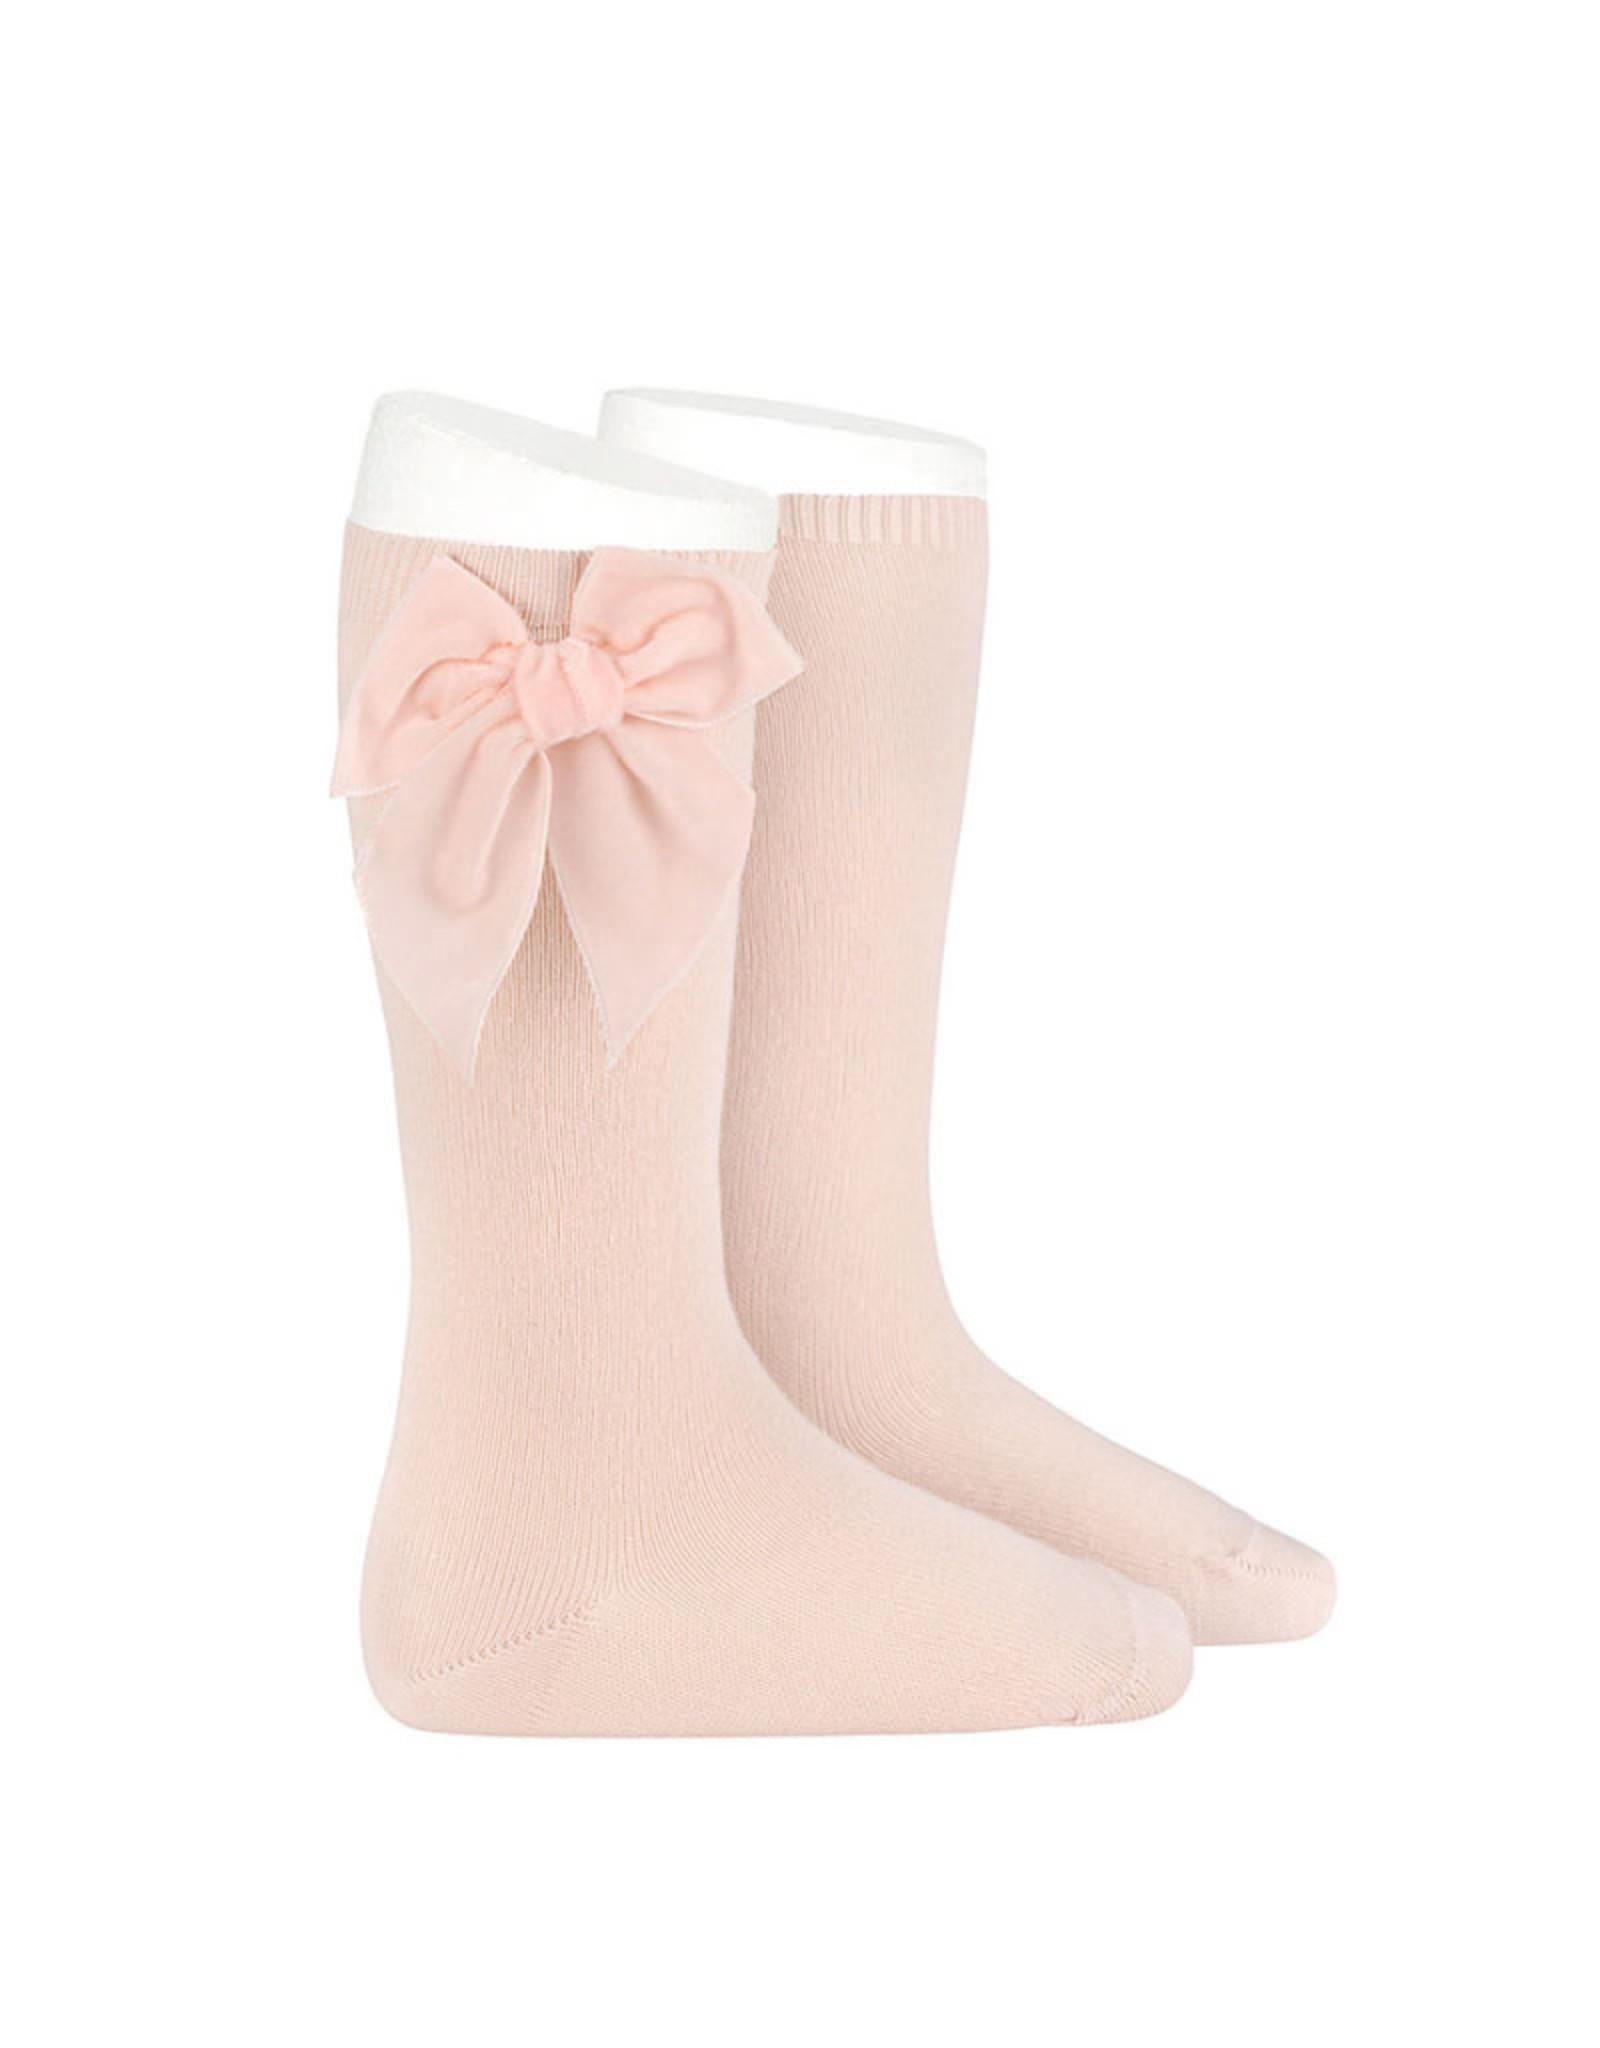 CONDOR Nude Velvet Bow Socks